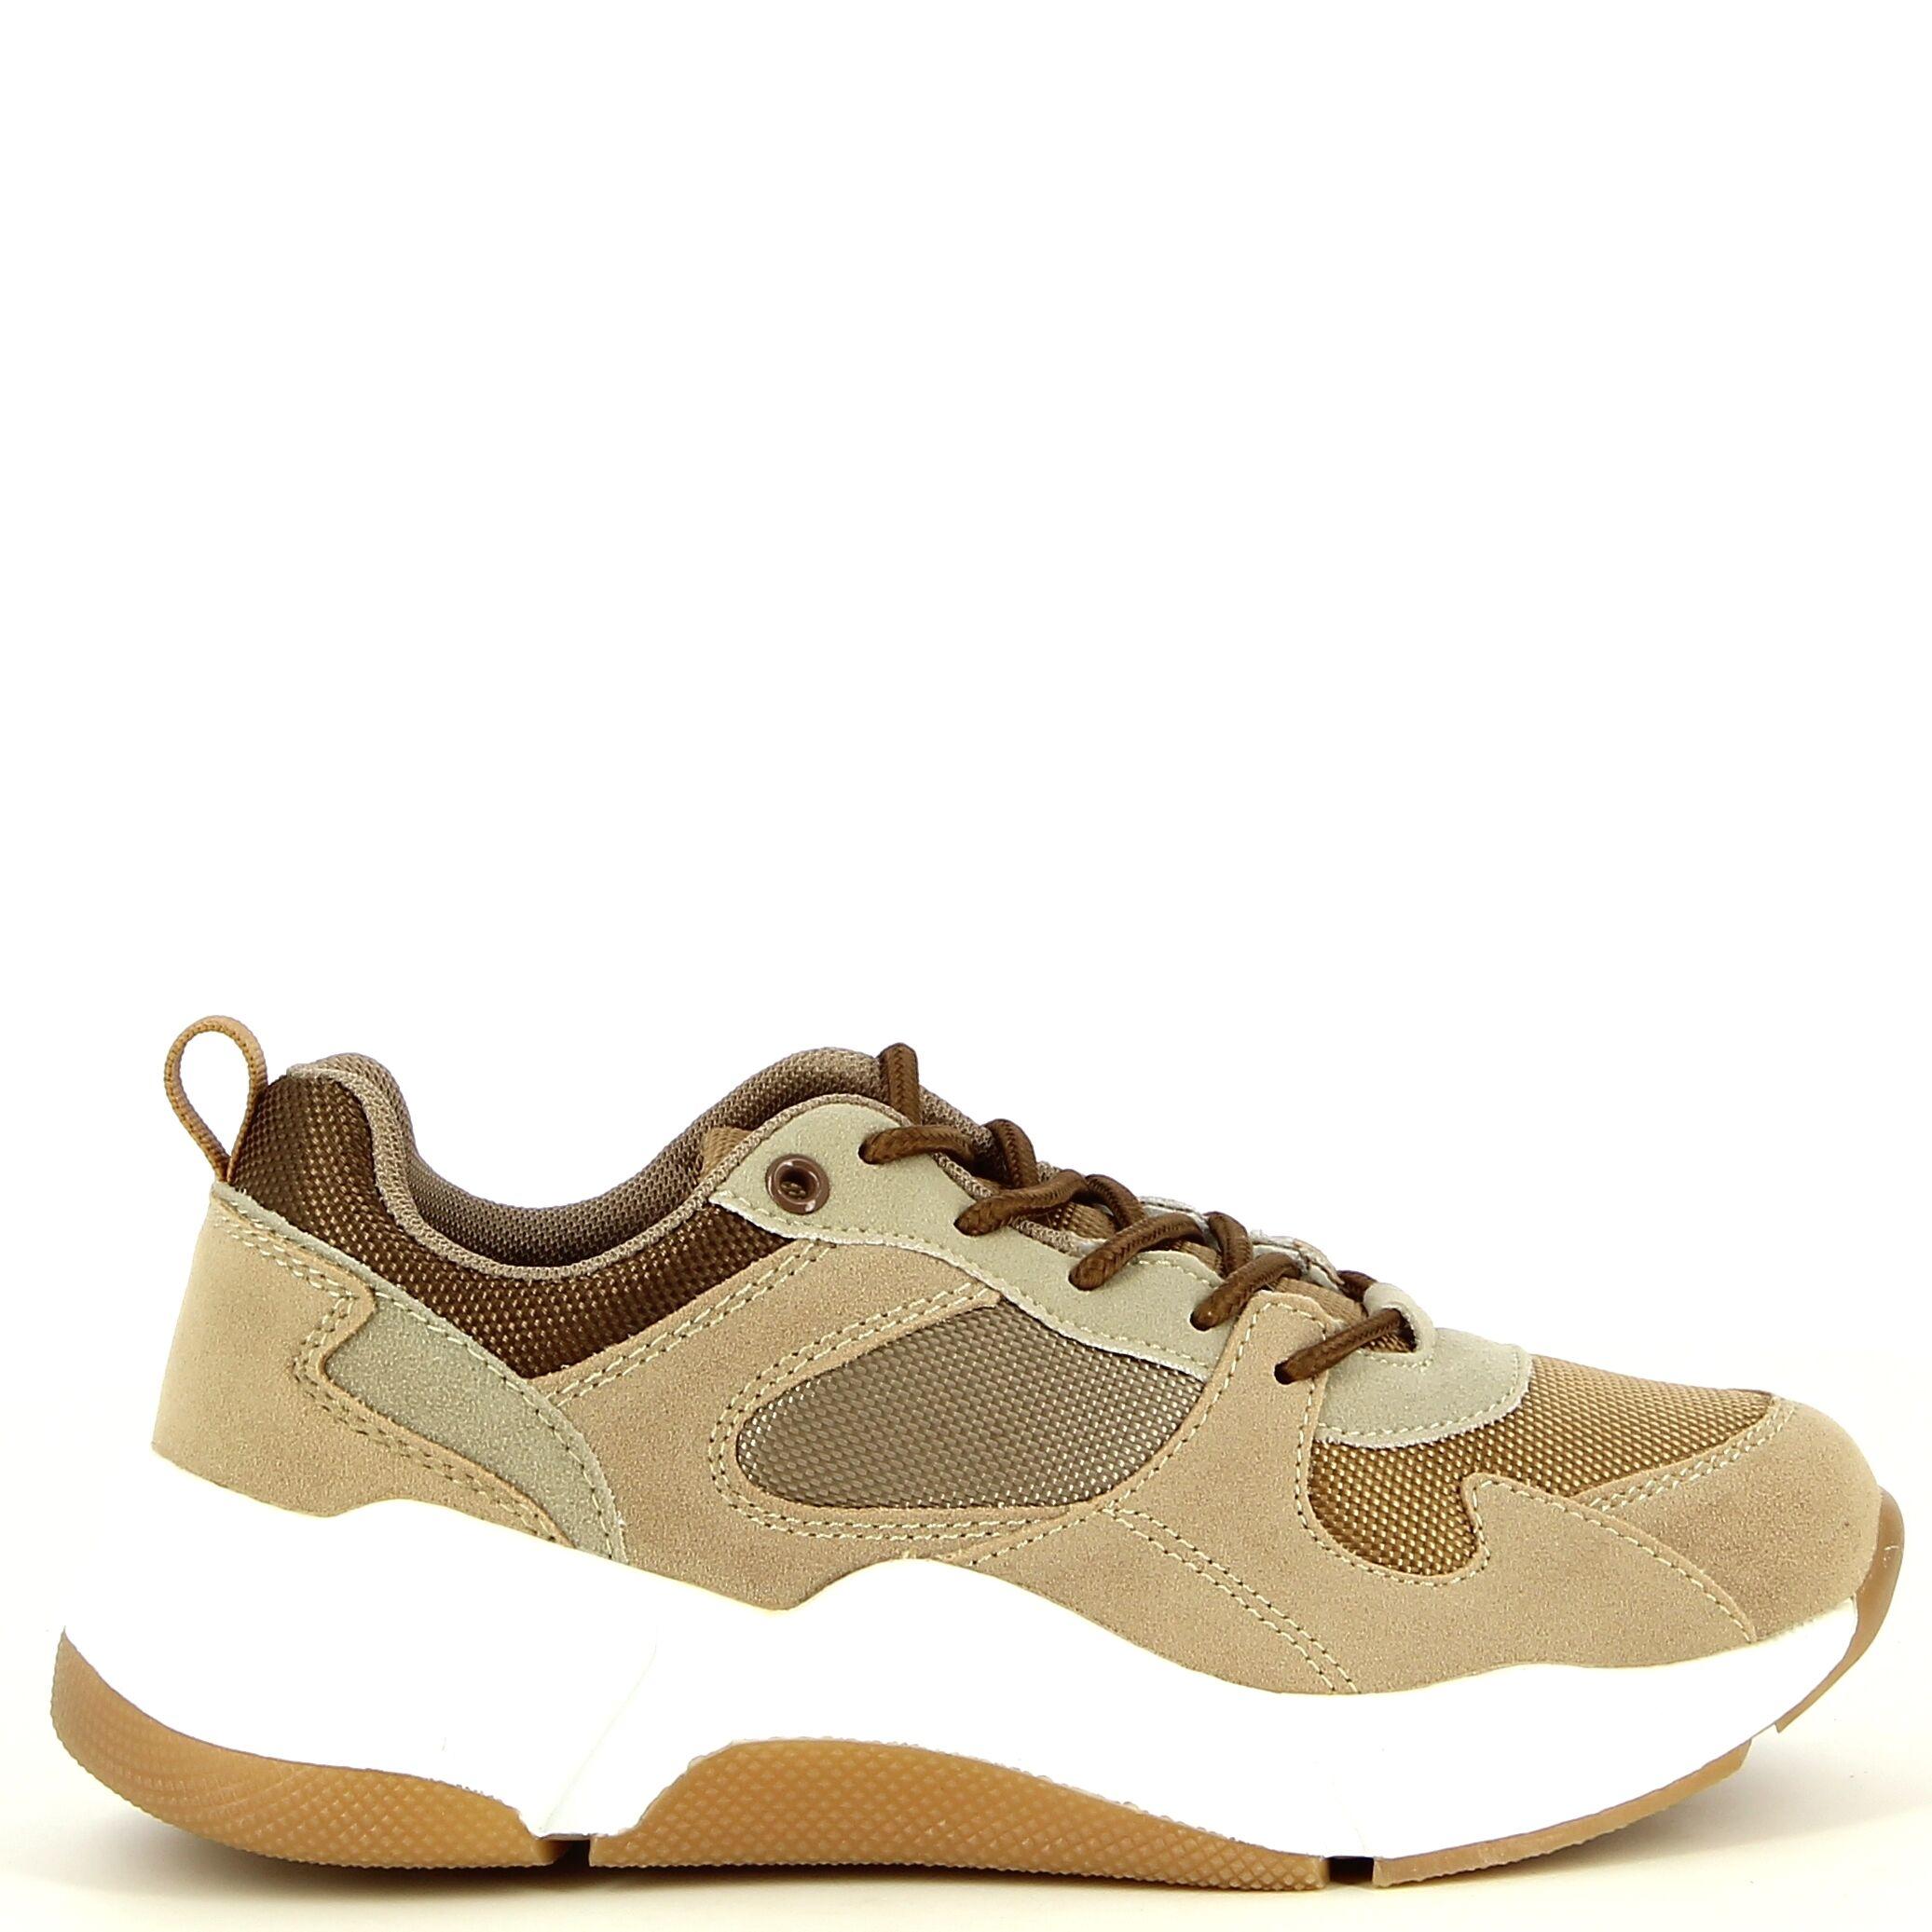 Ken Shoe Fashion - Beige - Sneakers